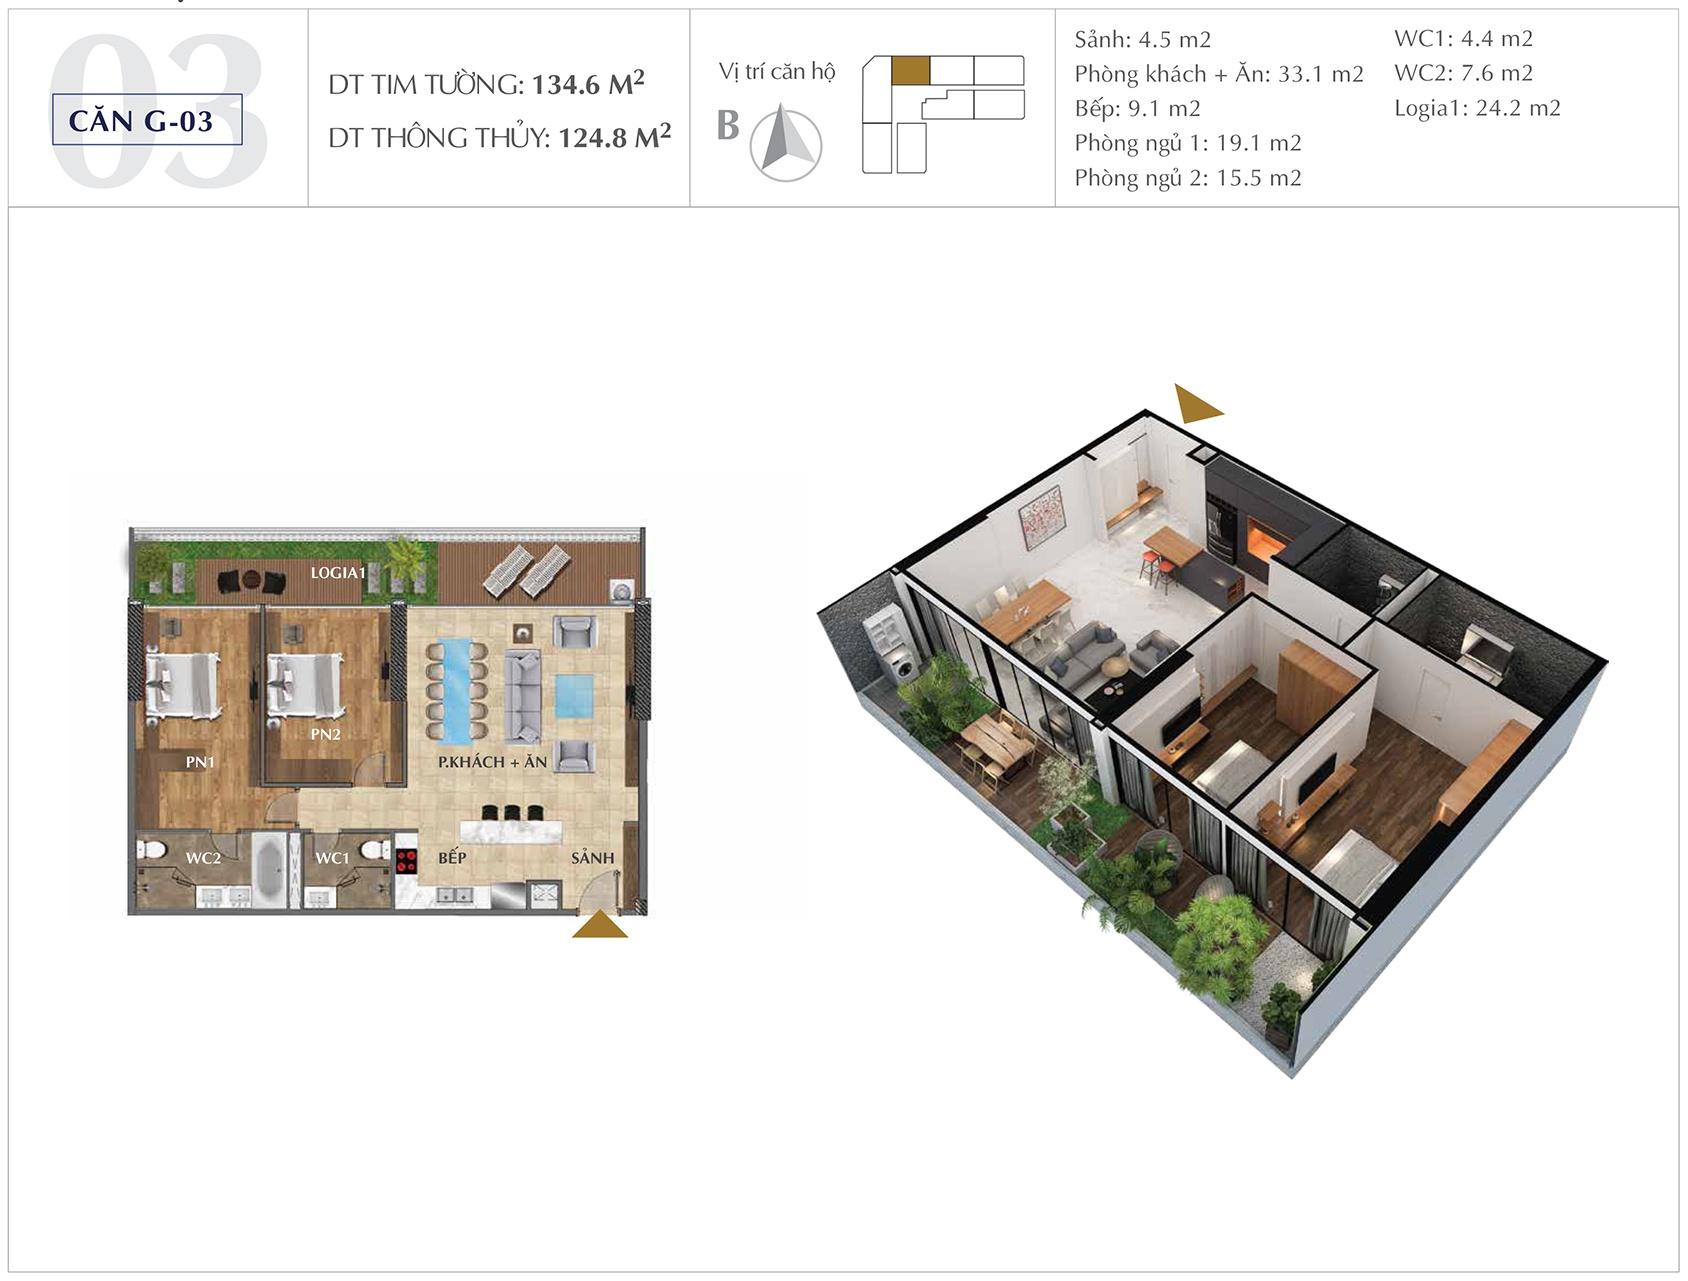 Thiết kế căn hộ G-03